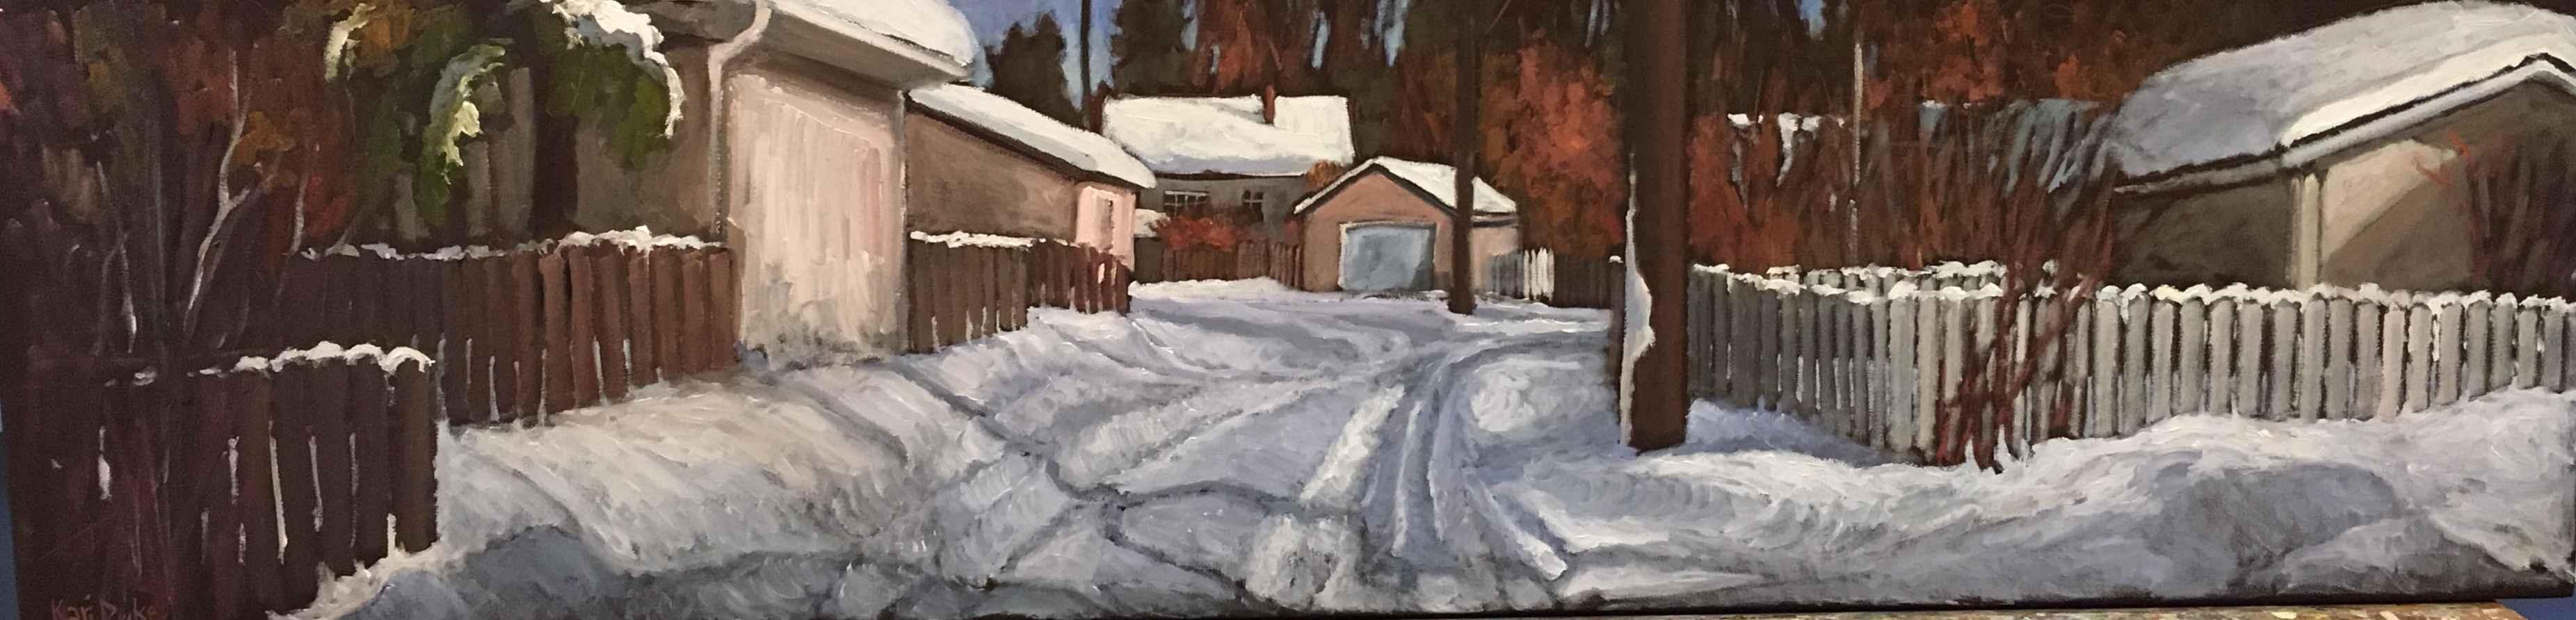 Winter Garages by  Kari Duke - Masterpiece Online